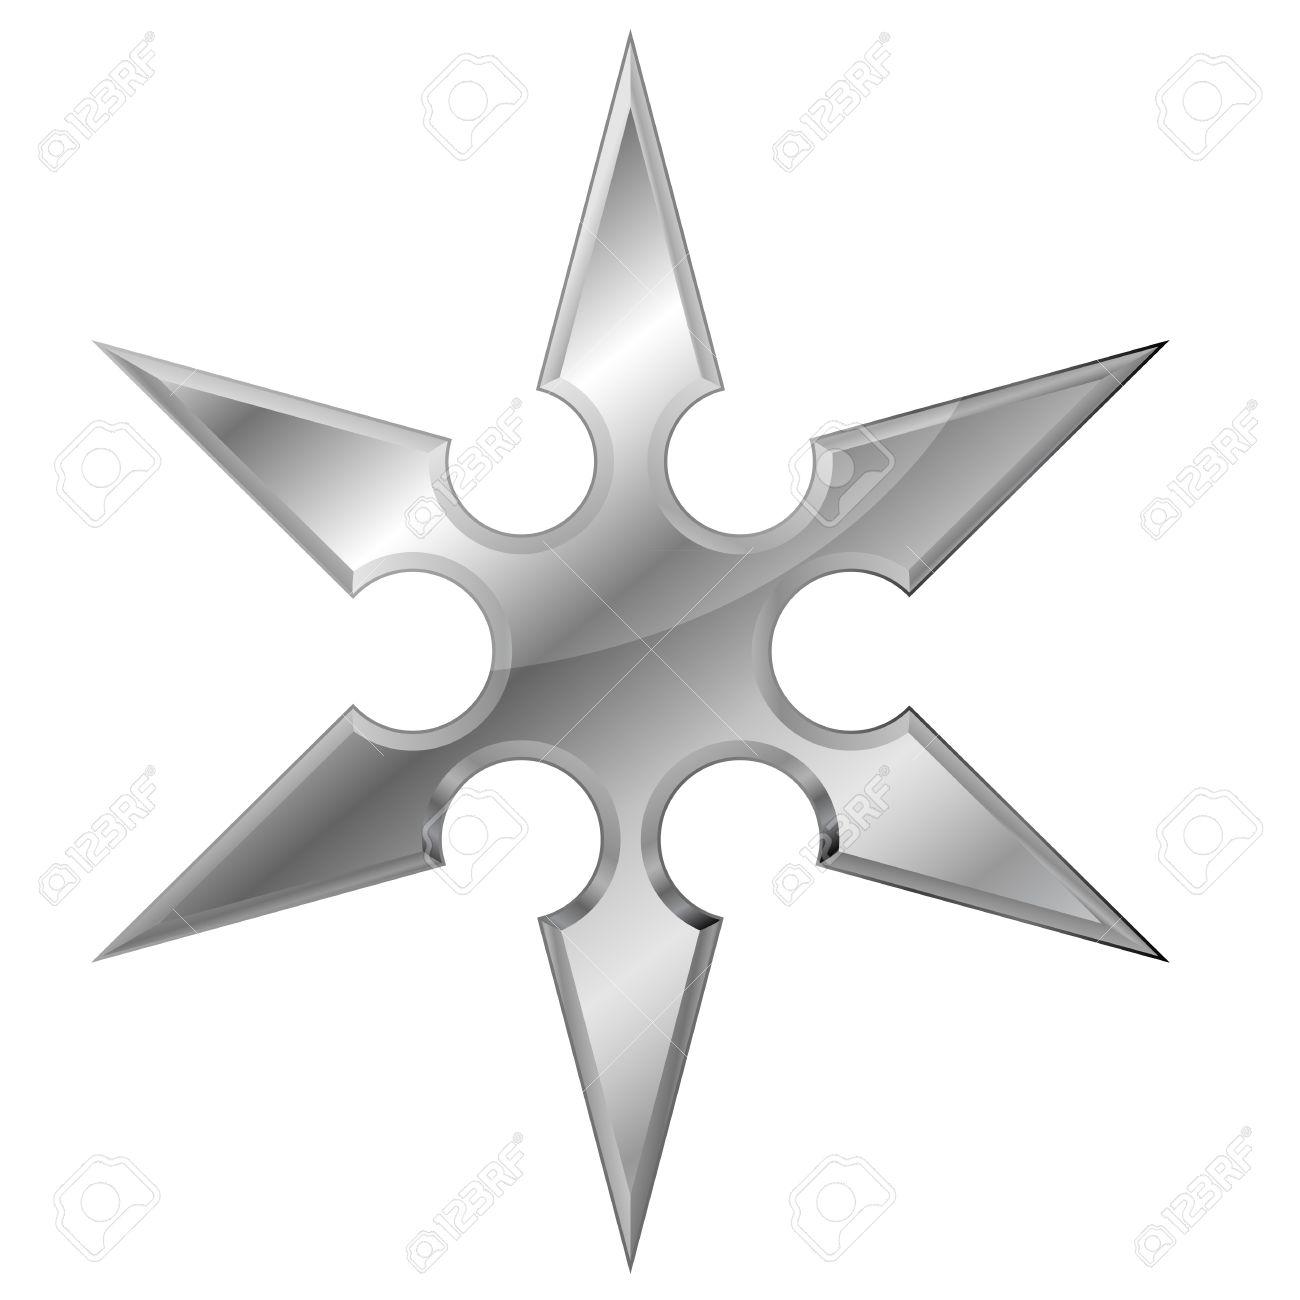 15797157-illustration-of-a-metal-ninja-s